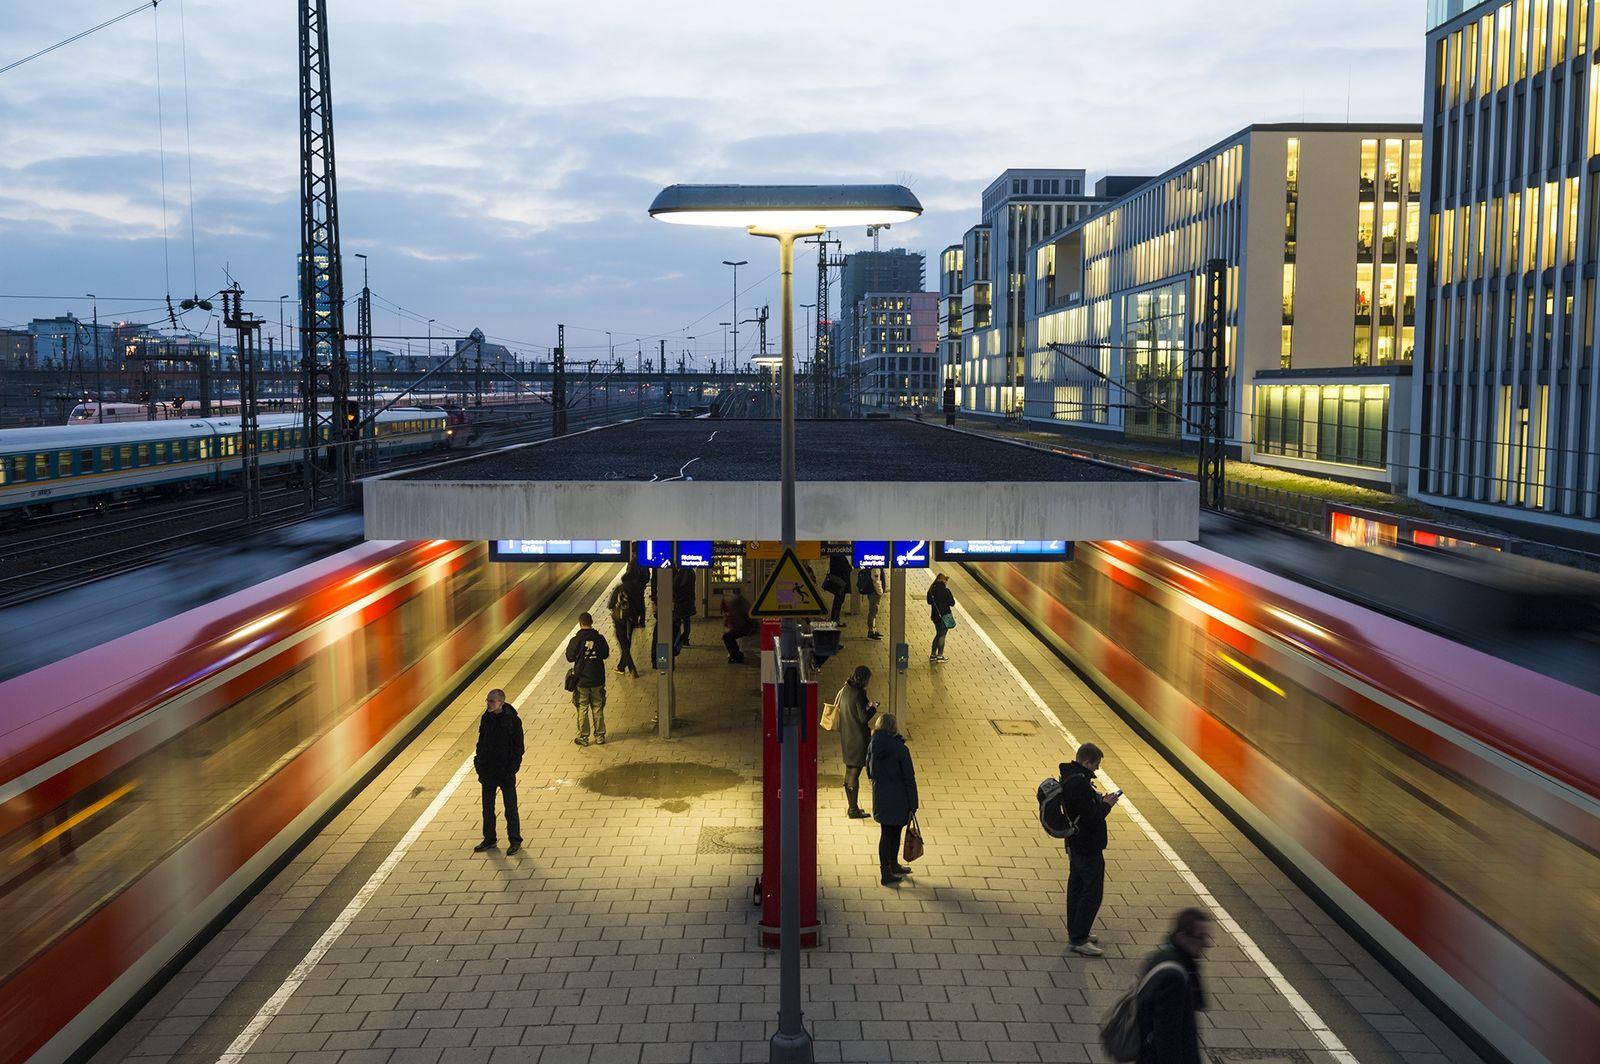 Munique, Alemanha, planeja abastecer-se inteiramente com energia renovável até 2025. O município já assinou um contrato ...